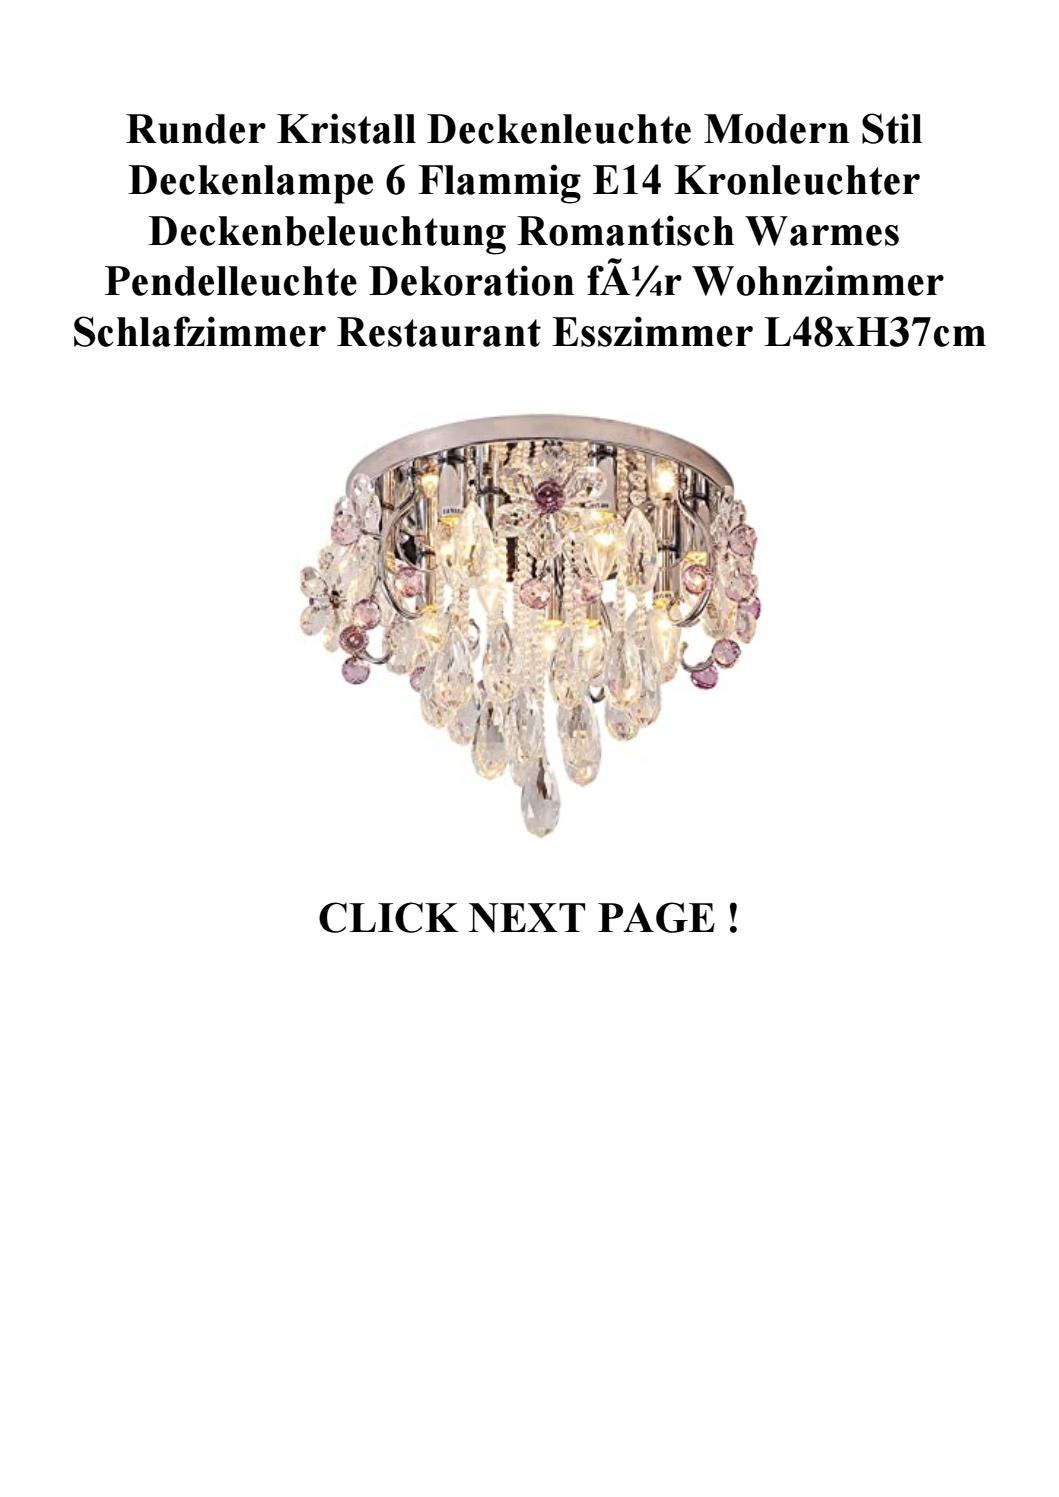 Big Discount Runder Kristall Deckenleuchte Modern Stil Deckenlampe 6 Flammig E14 Kronleuchter Deck By Sdfwervcde Issuu